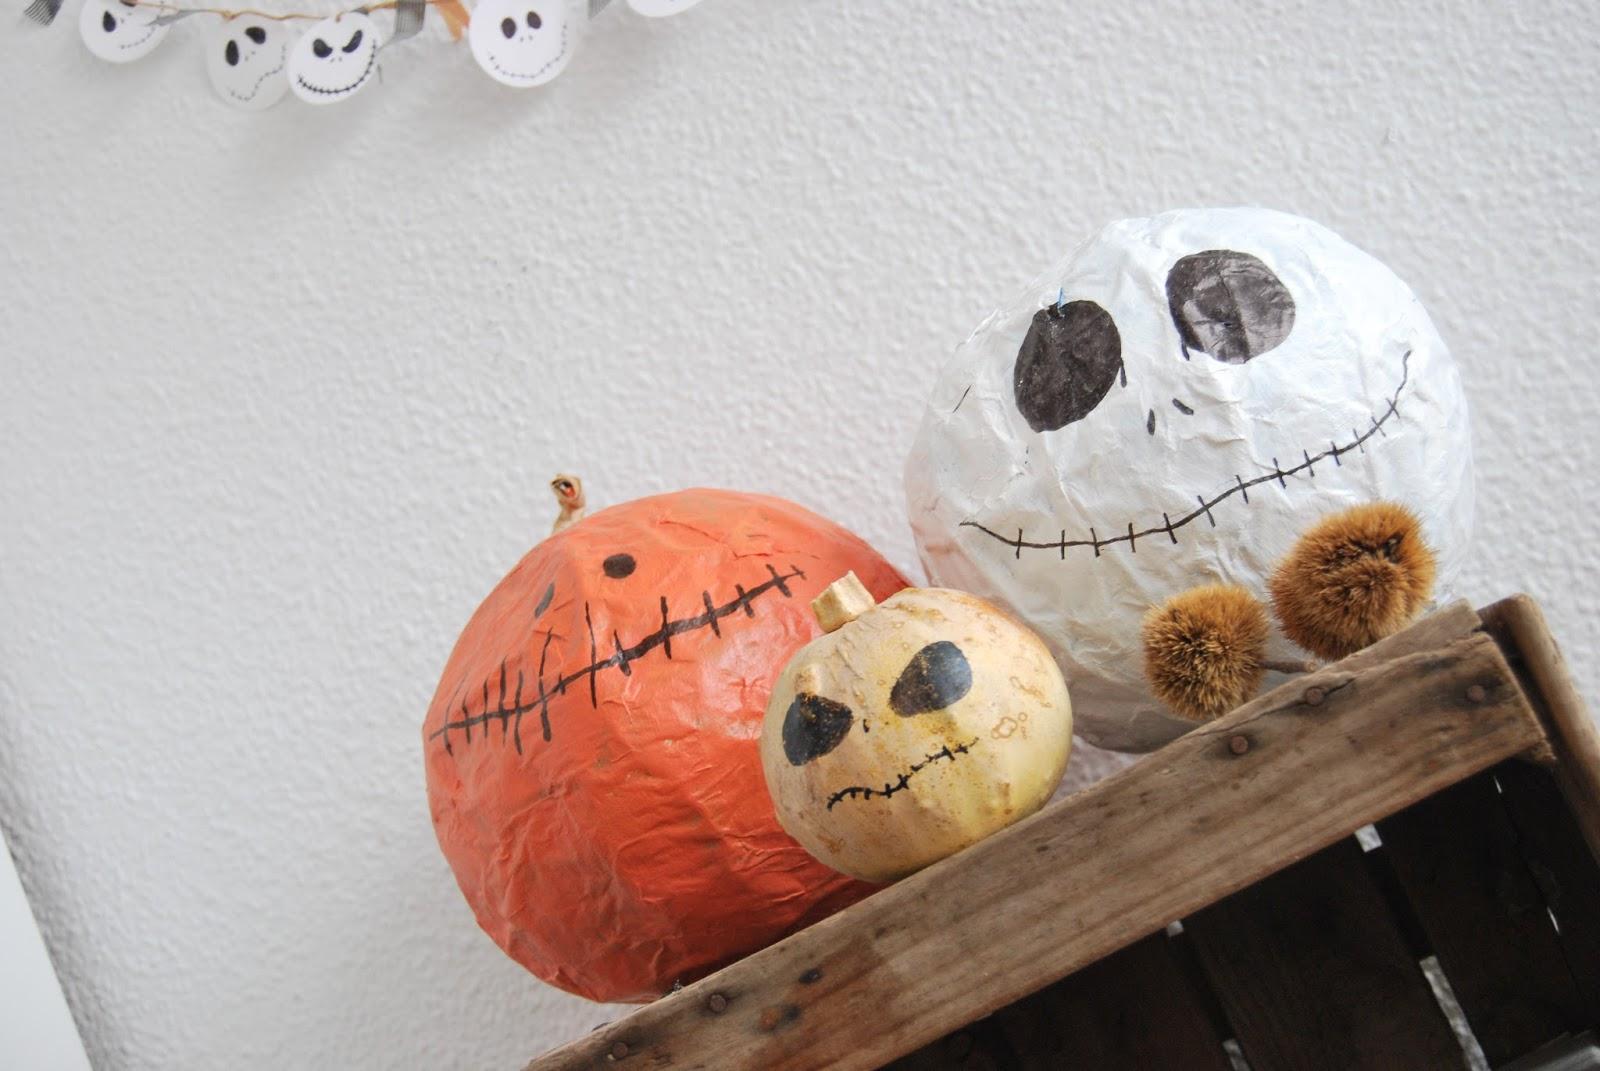 Calabaza fácil para hacer con niños este Halloween - Handbox Craft ...